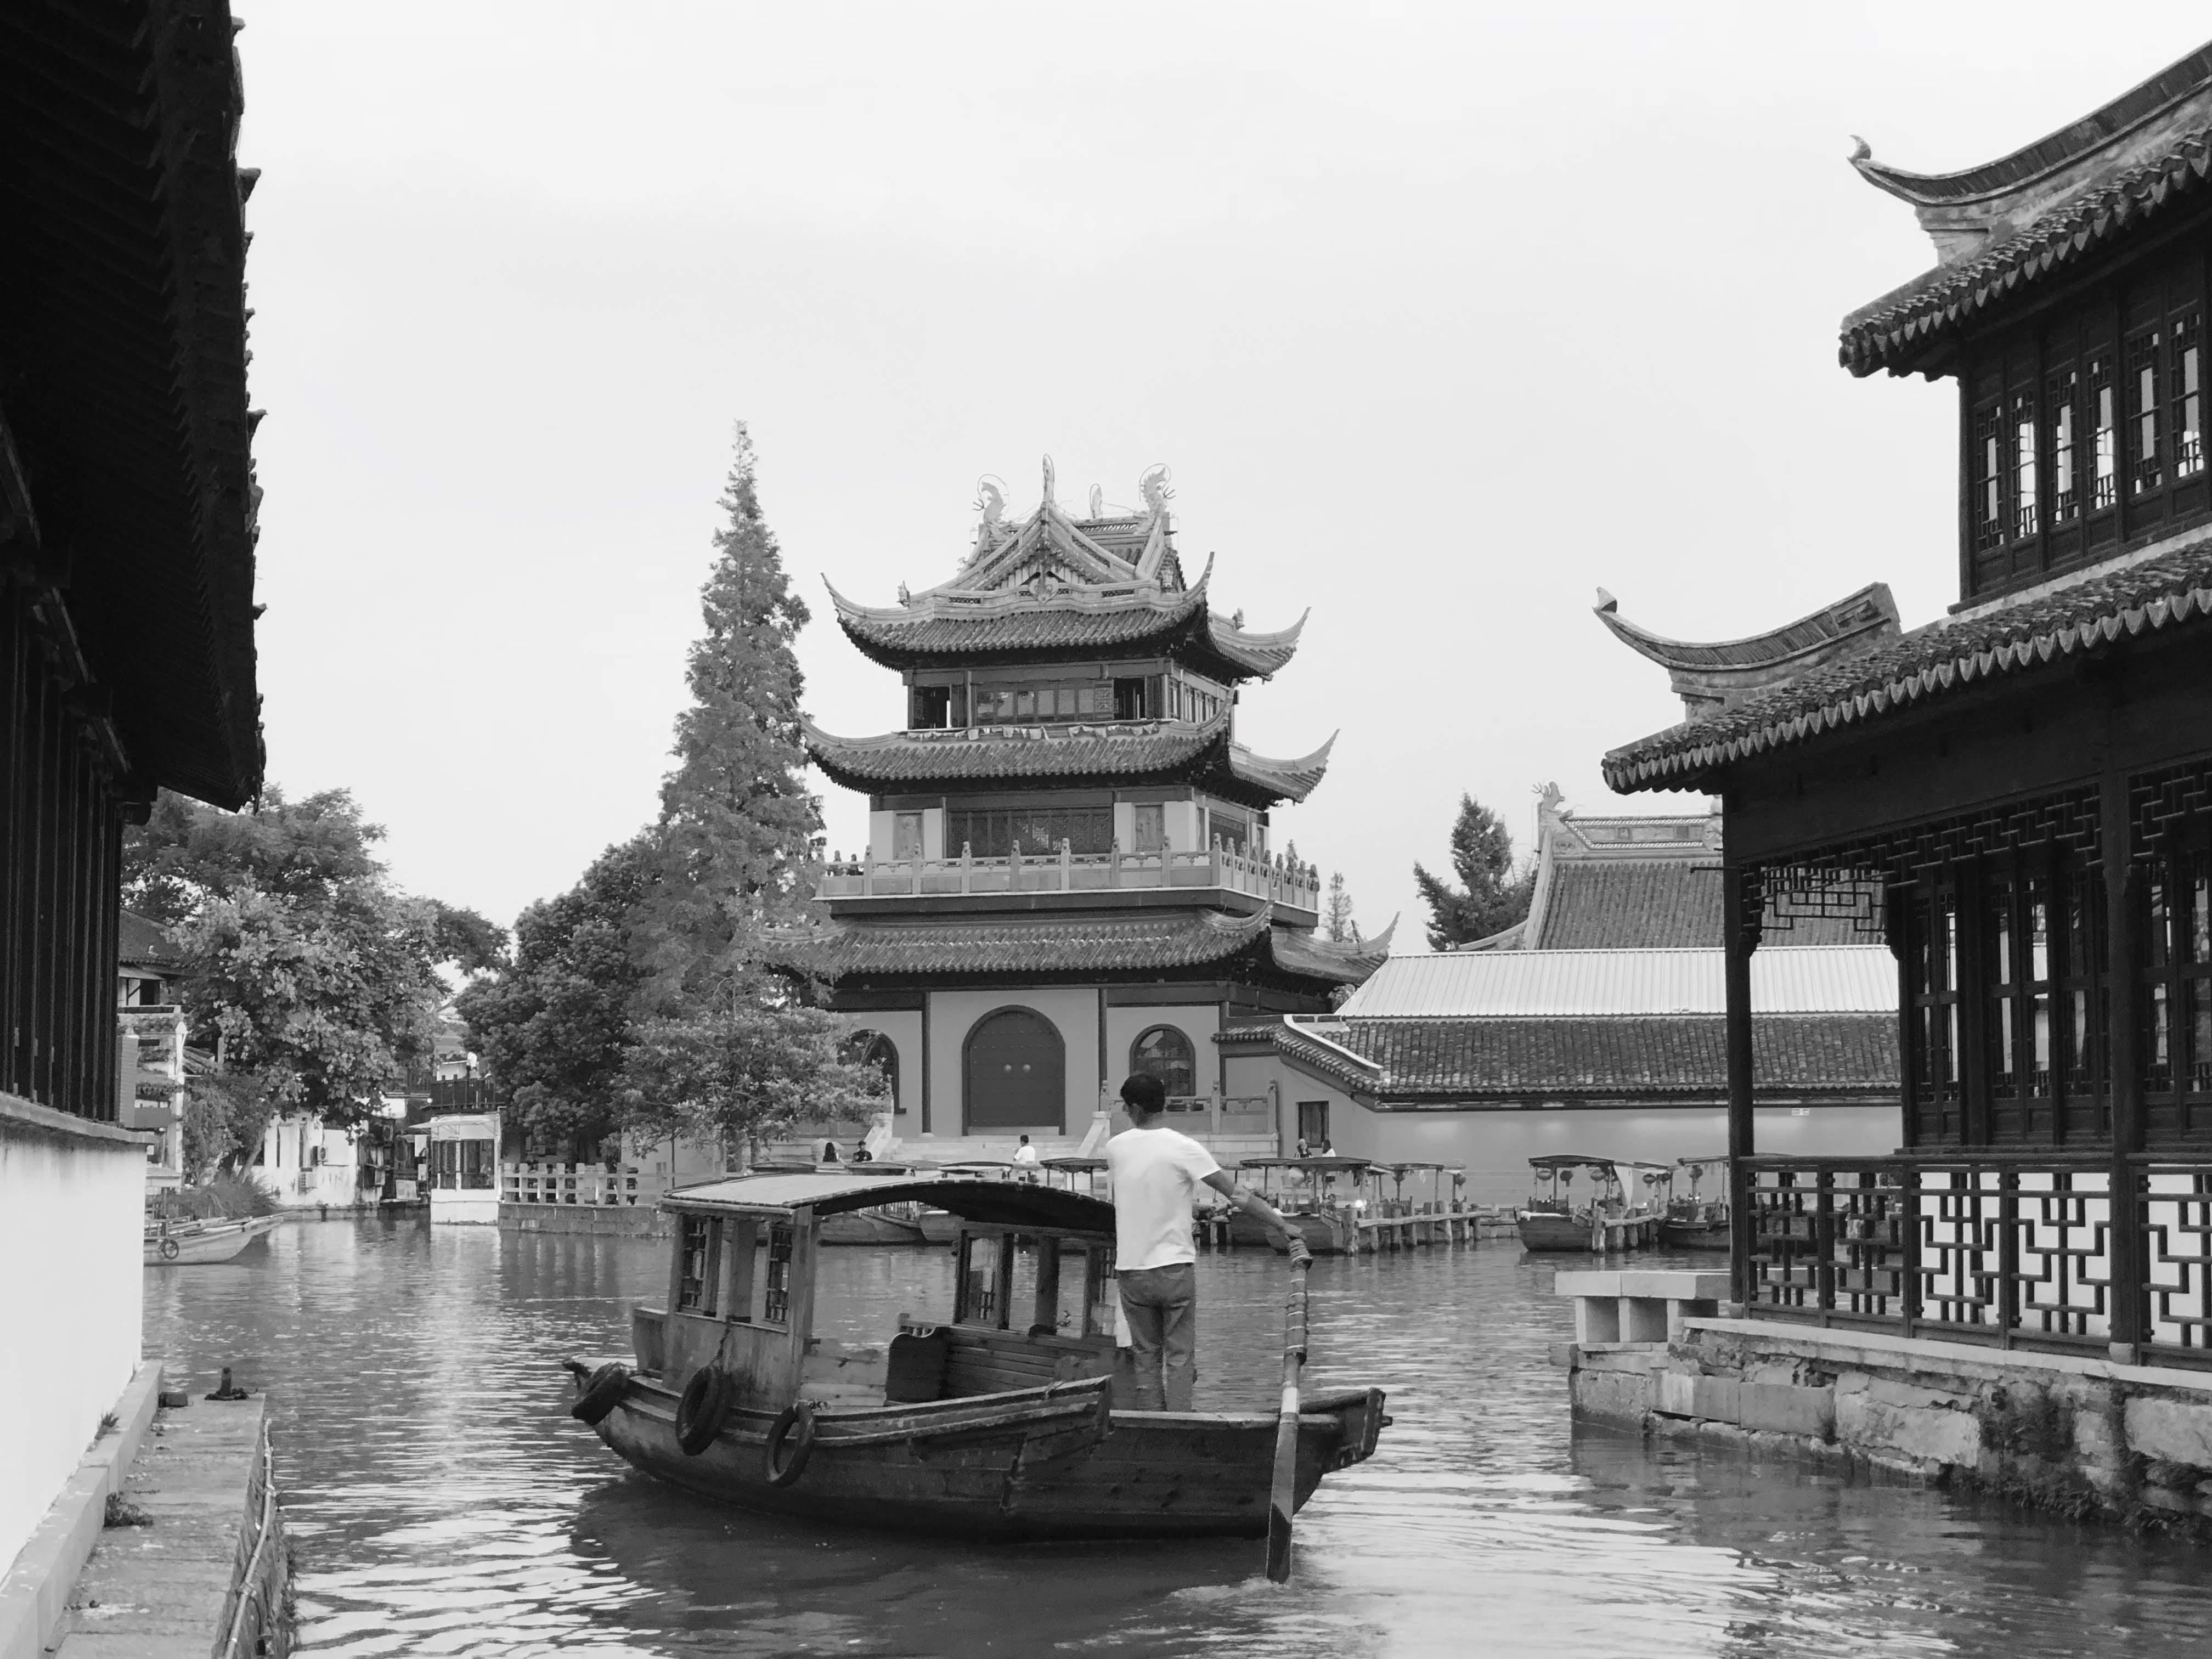 四天三夜江南行(一):【中國上海景點】朱家角斜陽確實很美 | WeRead|我們閱讀